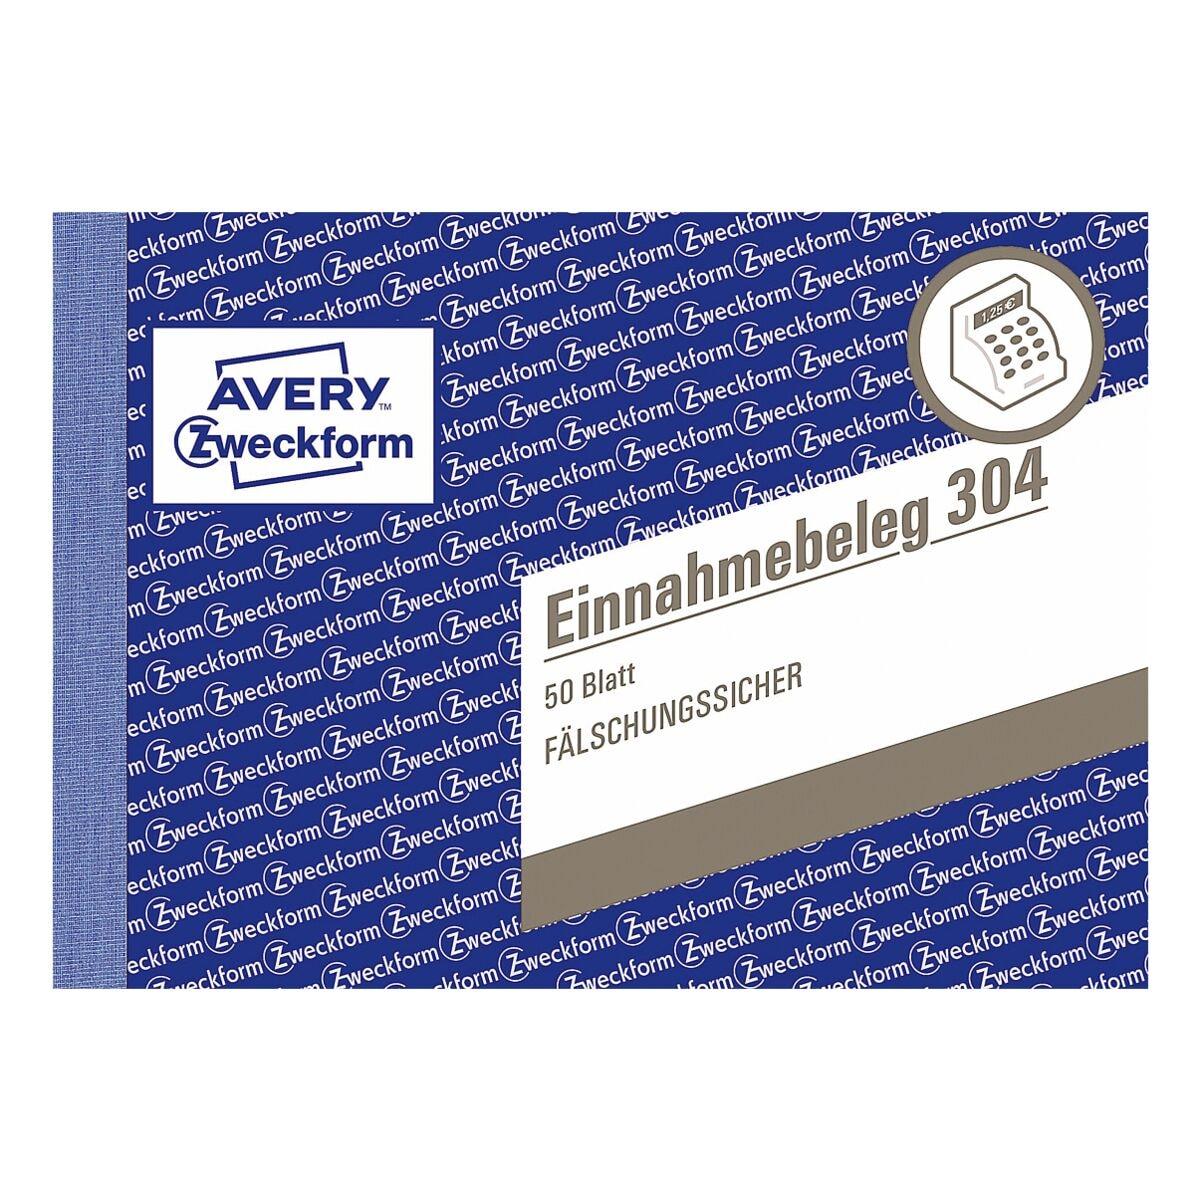 Avery Zweckform Formularbuch »Einnahmebeleg mit Dokumentendruck«